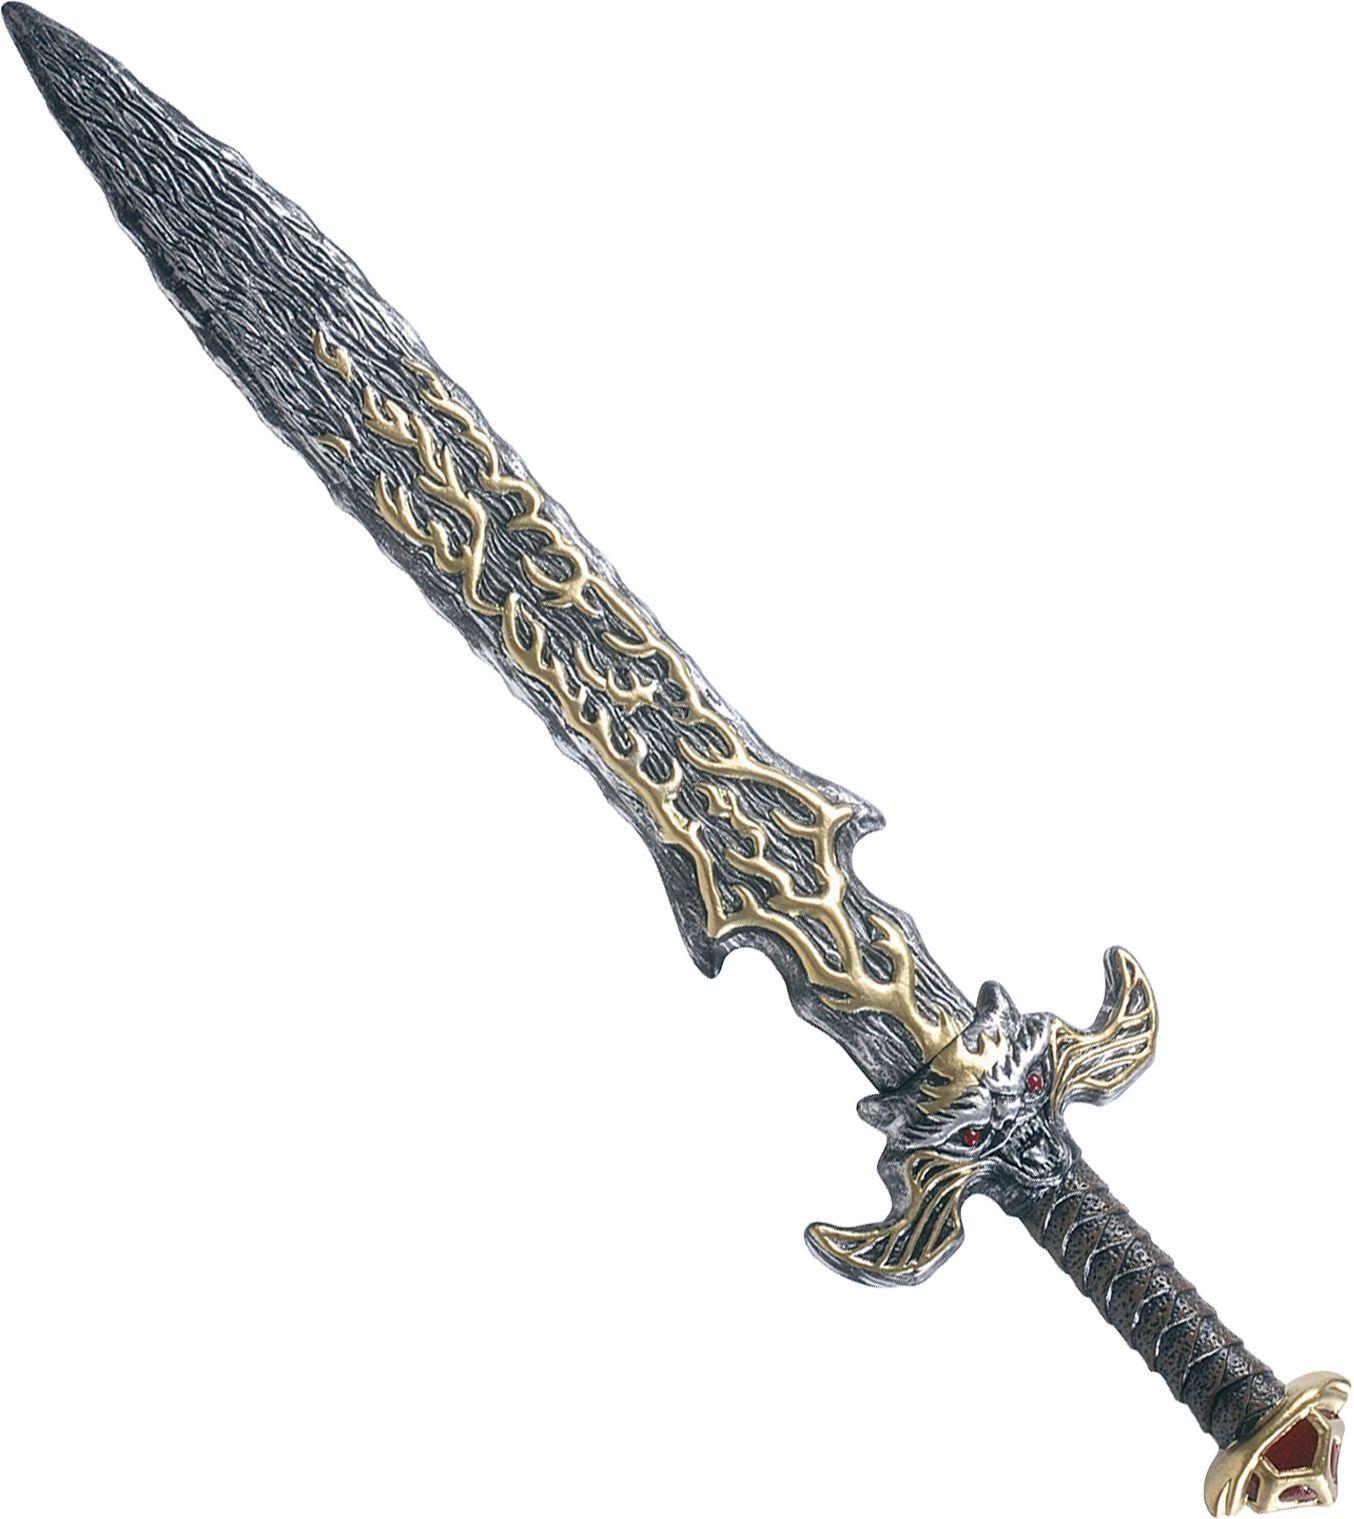 Voodoo zwaard